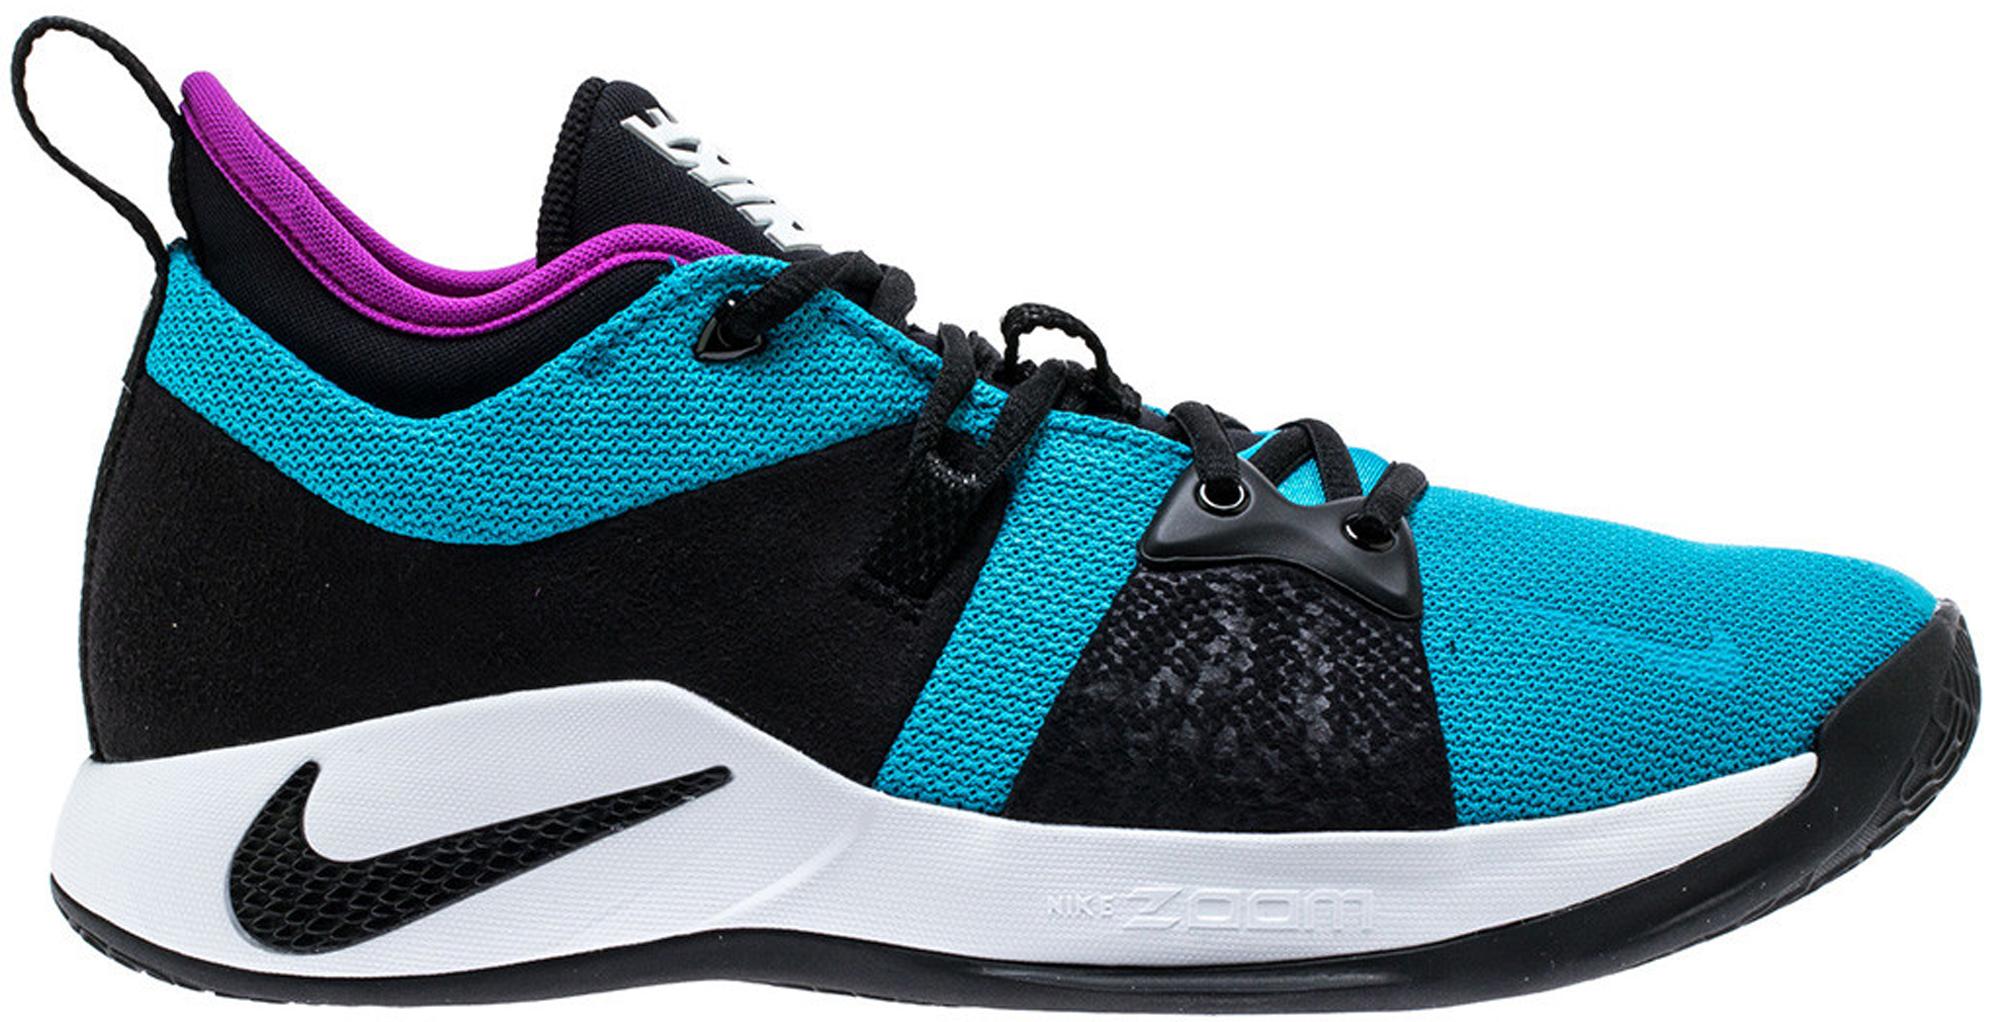 Nike PG 2 Blue Lagoon - AJ2039-402